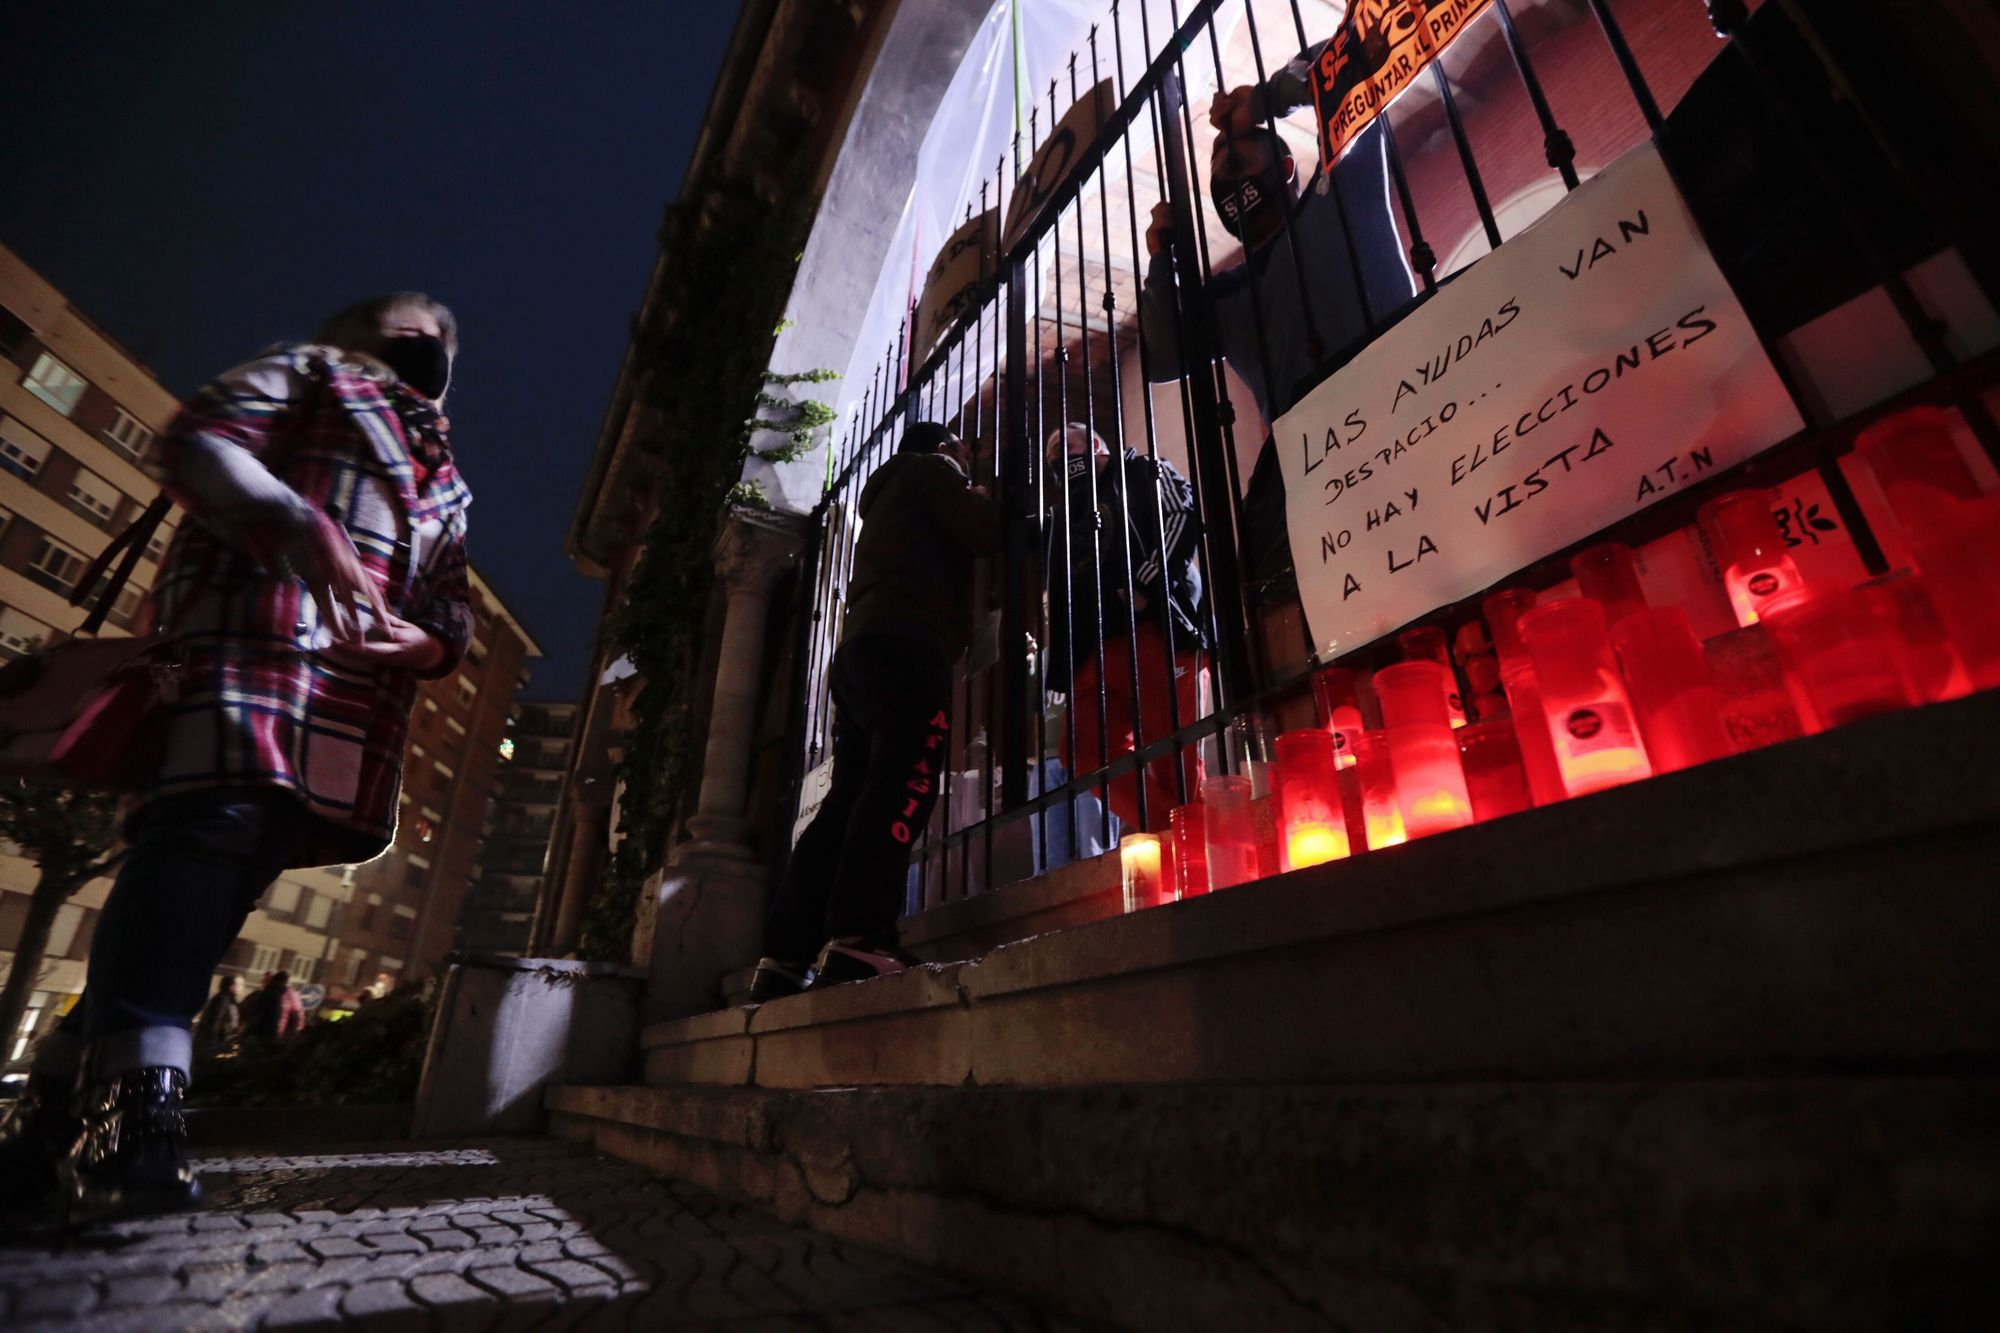 Hosteleros encerrados en La Felguera